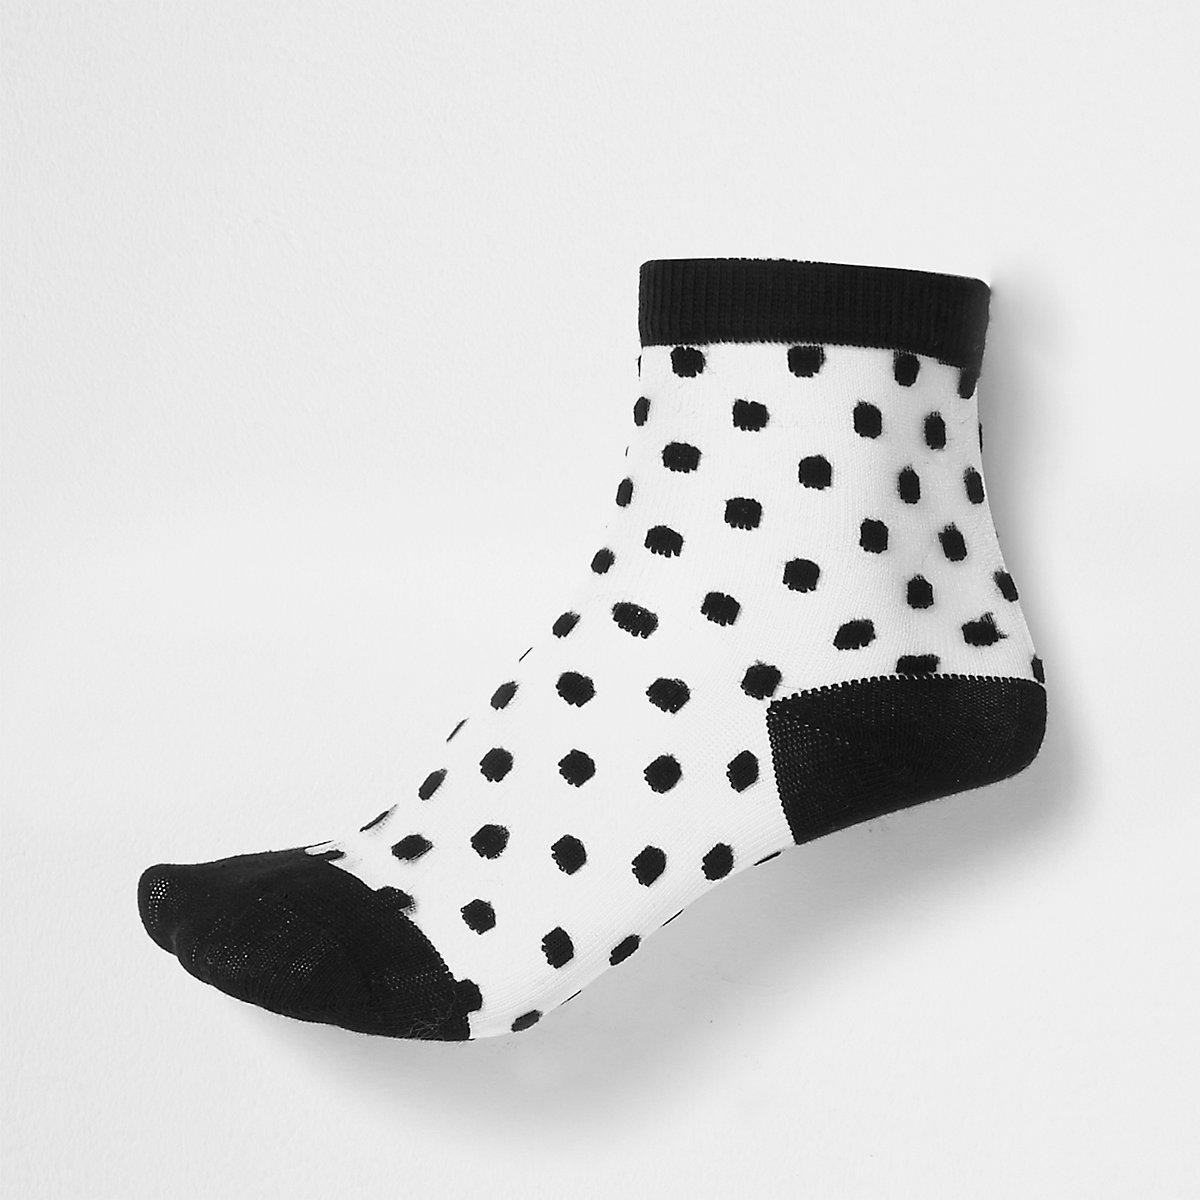 Chaussettes à pois noirs floqués pour fille